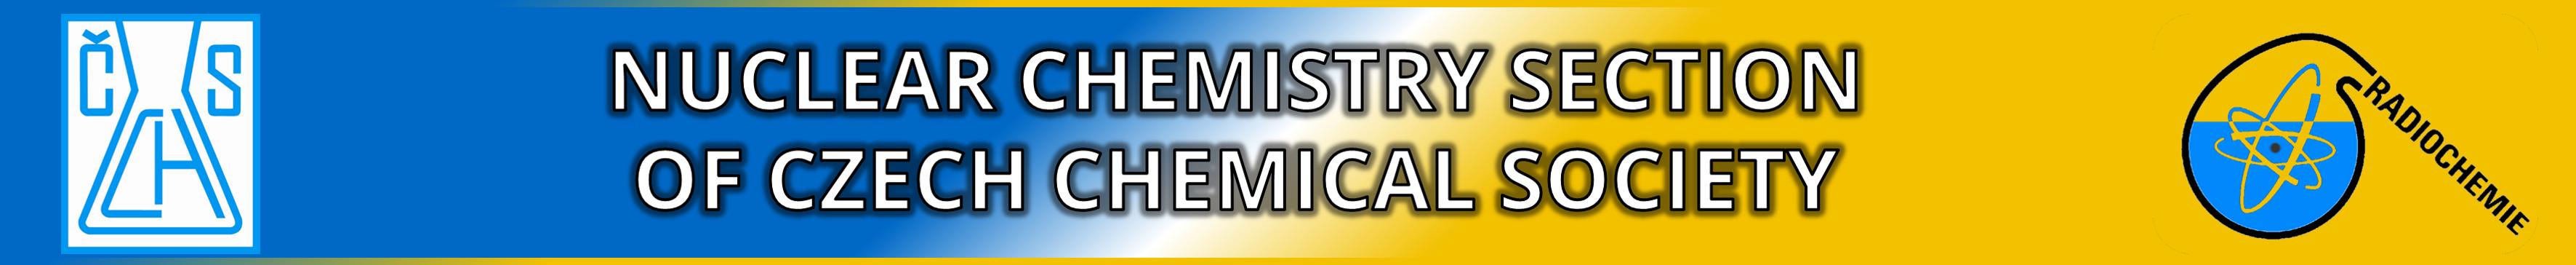 Odborná skupina Jaderné Chemie České společnosti chemické, z. s.